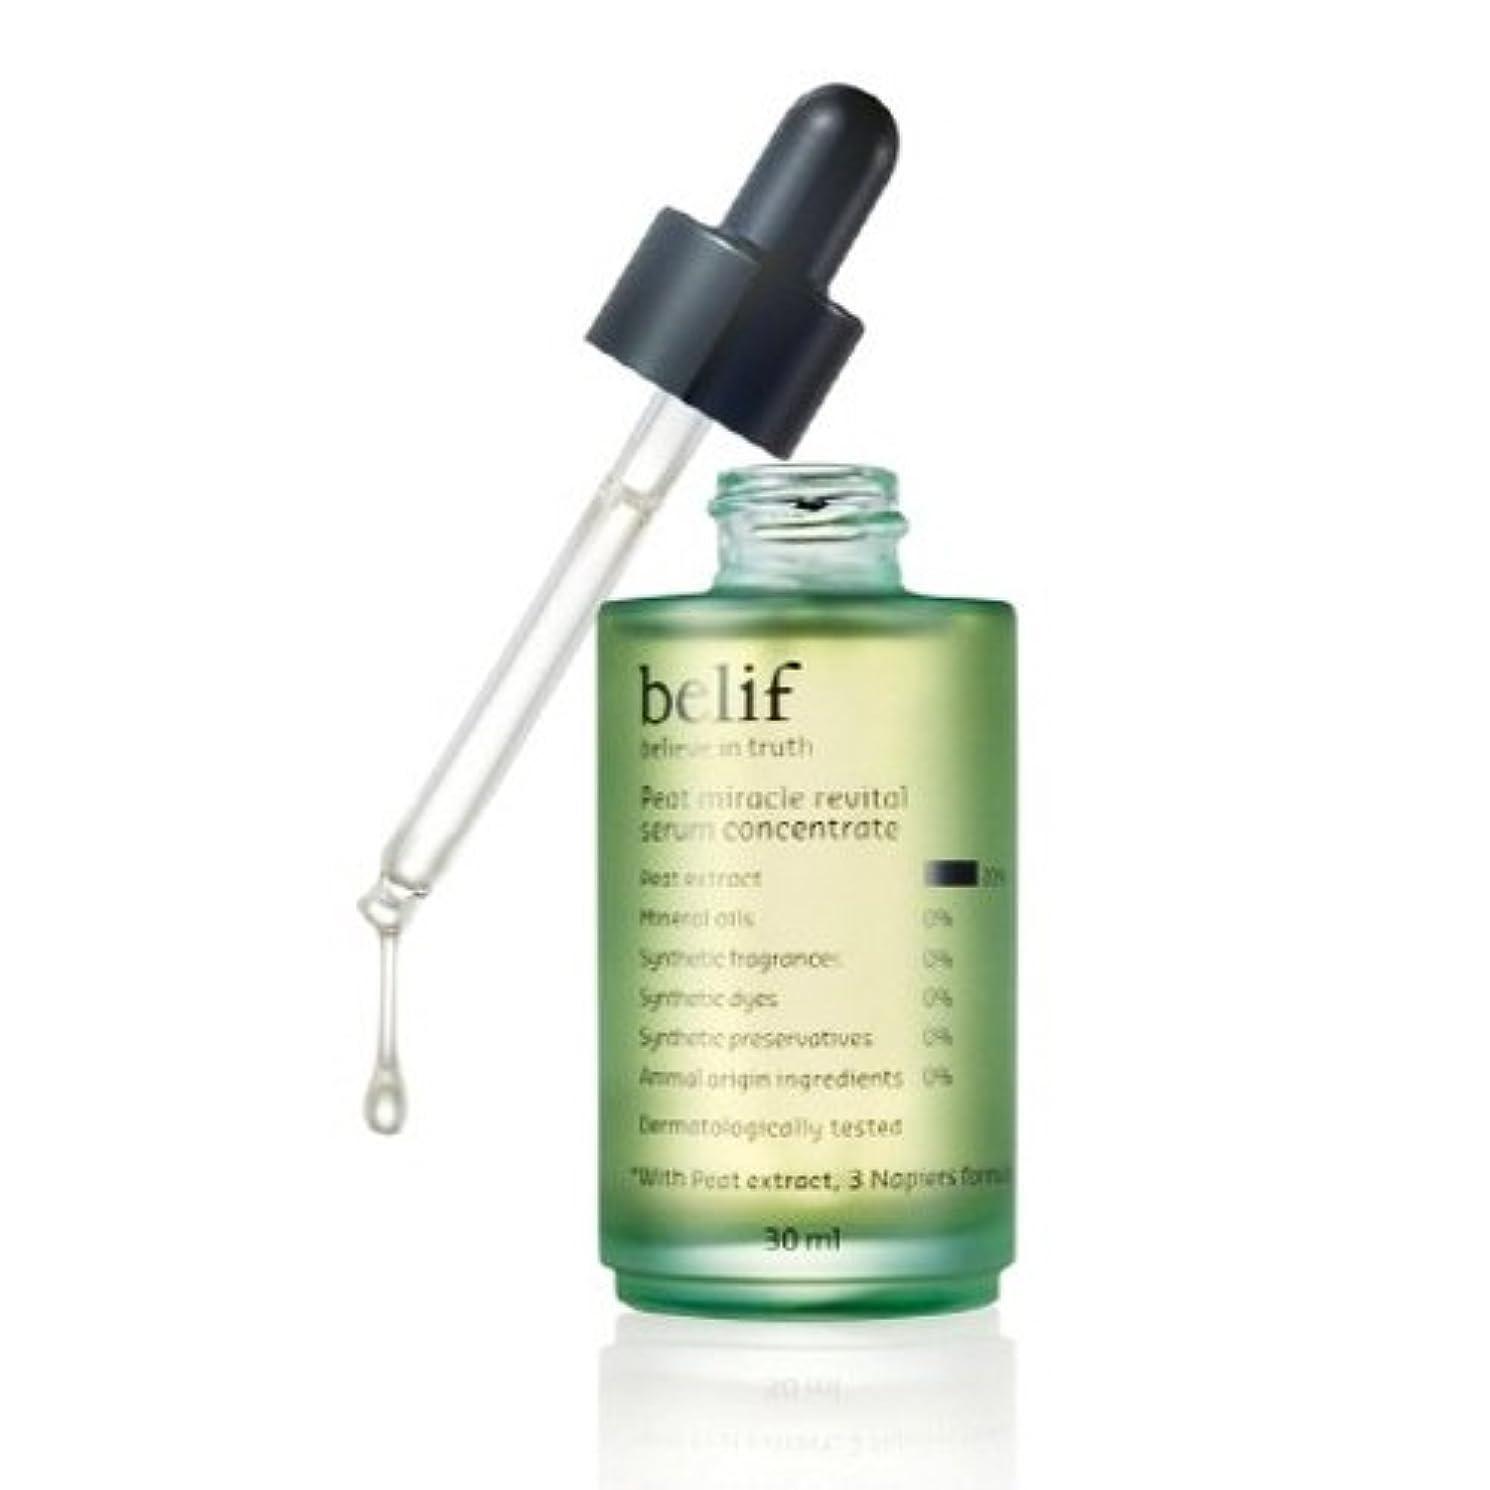 文房具責任者雇用者Belif(ビリーフ)Peat miracle revital serum concentrate 30ml(ビリーフフィートミラクルリバイタセラムコンセントレイト)シワ改善エッセンス